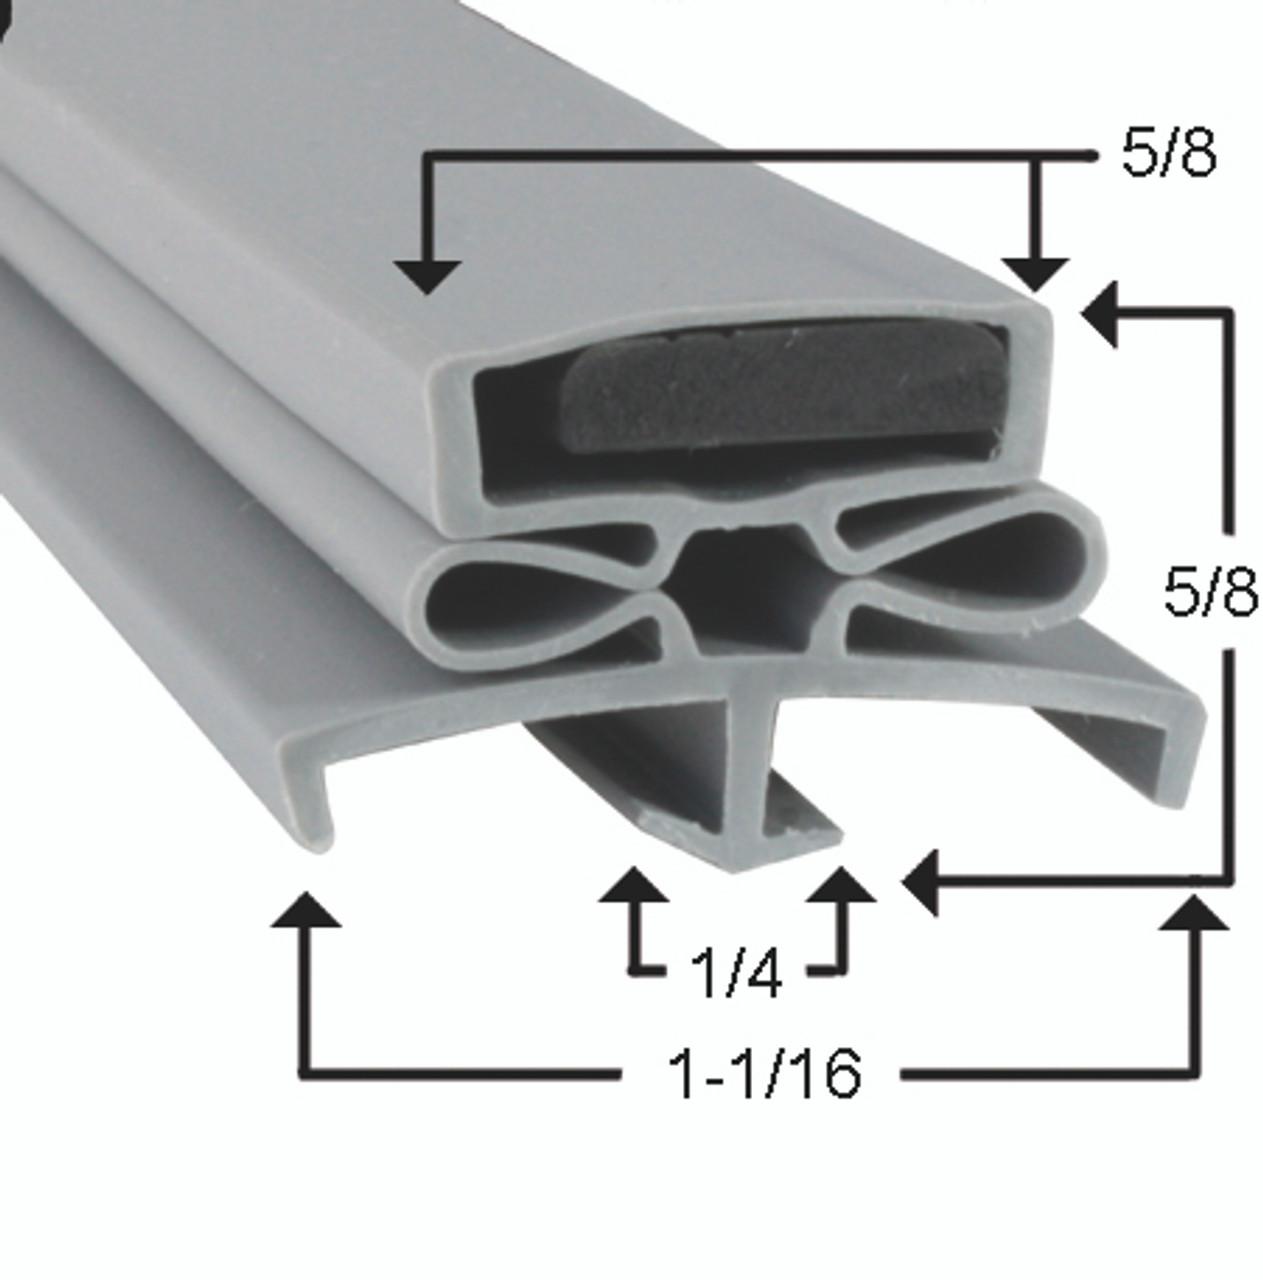 Glenco Door Gasket Profile 166 15 1/8 x 26 5/8 -2